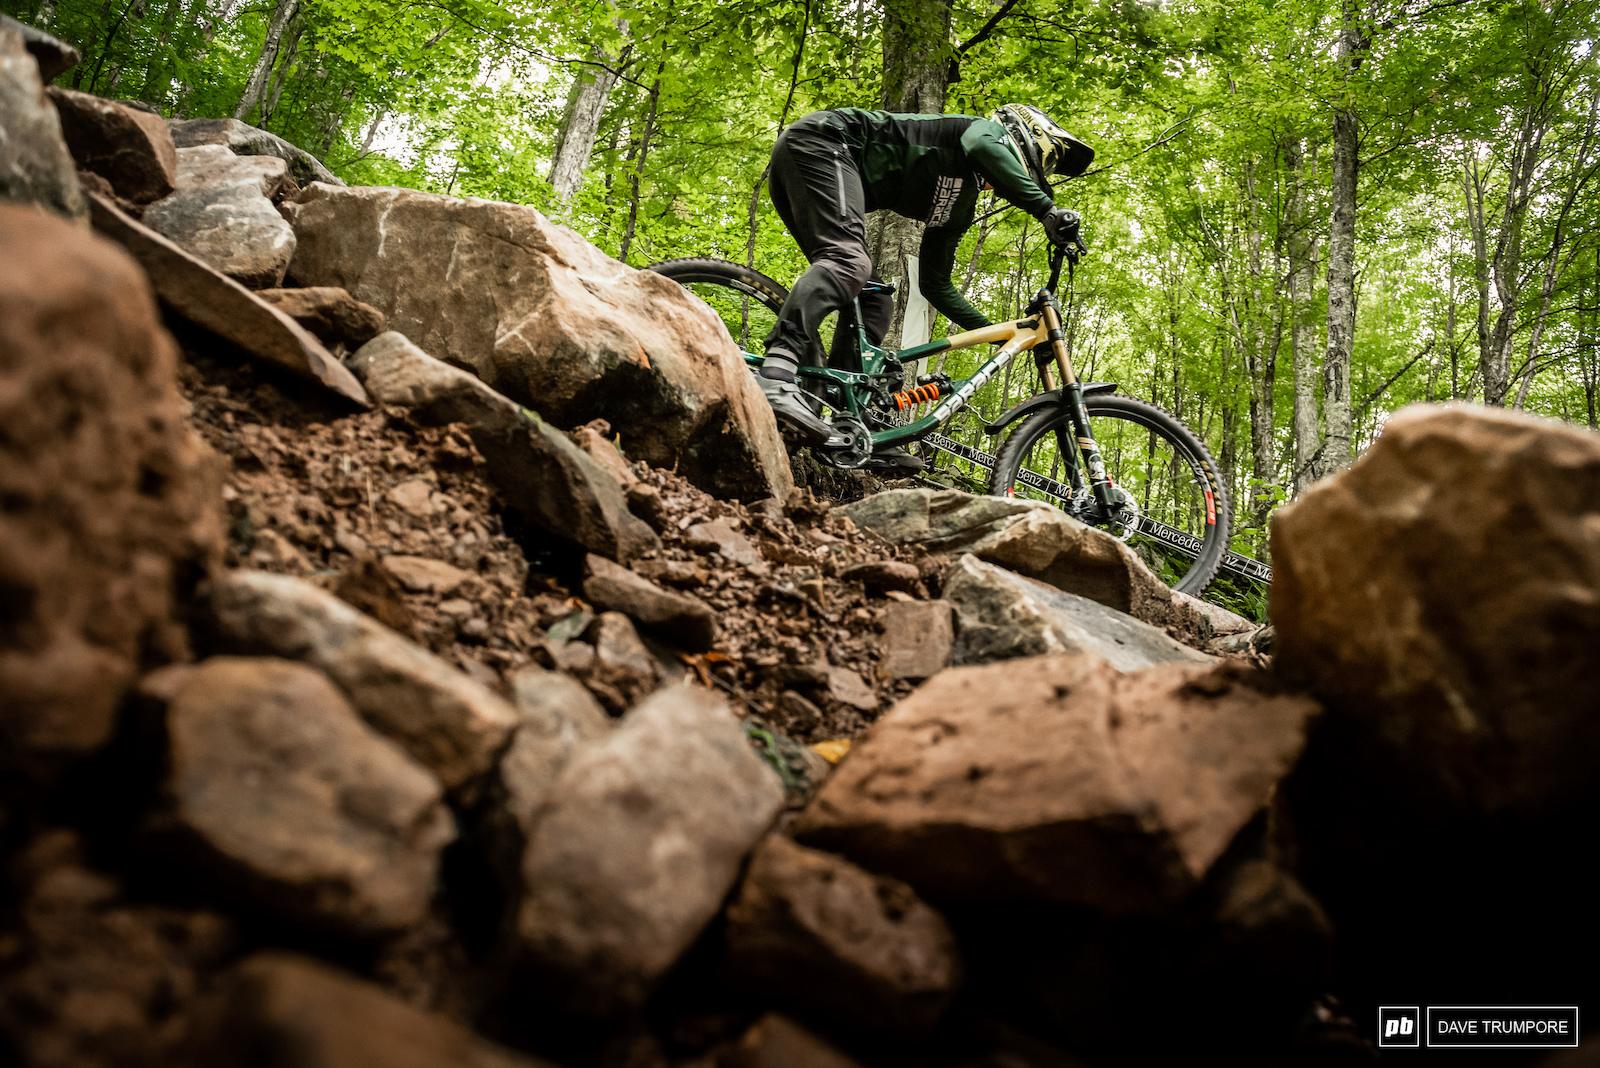 Matt Walker flaming through the boulders